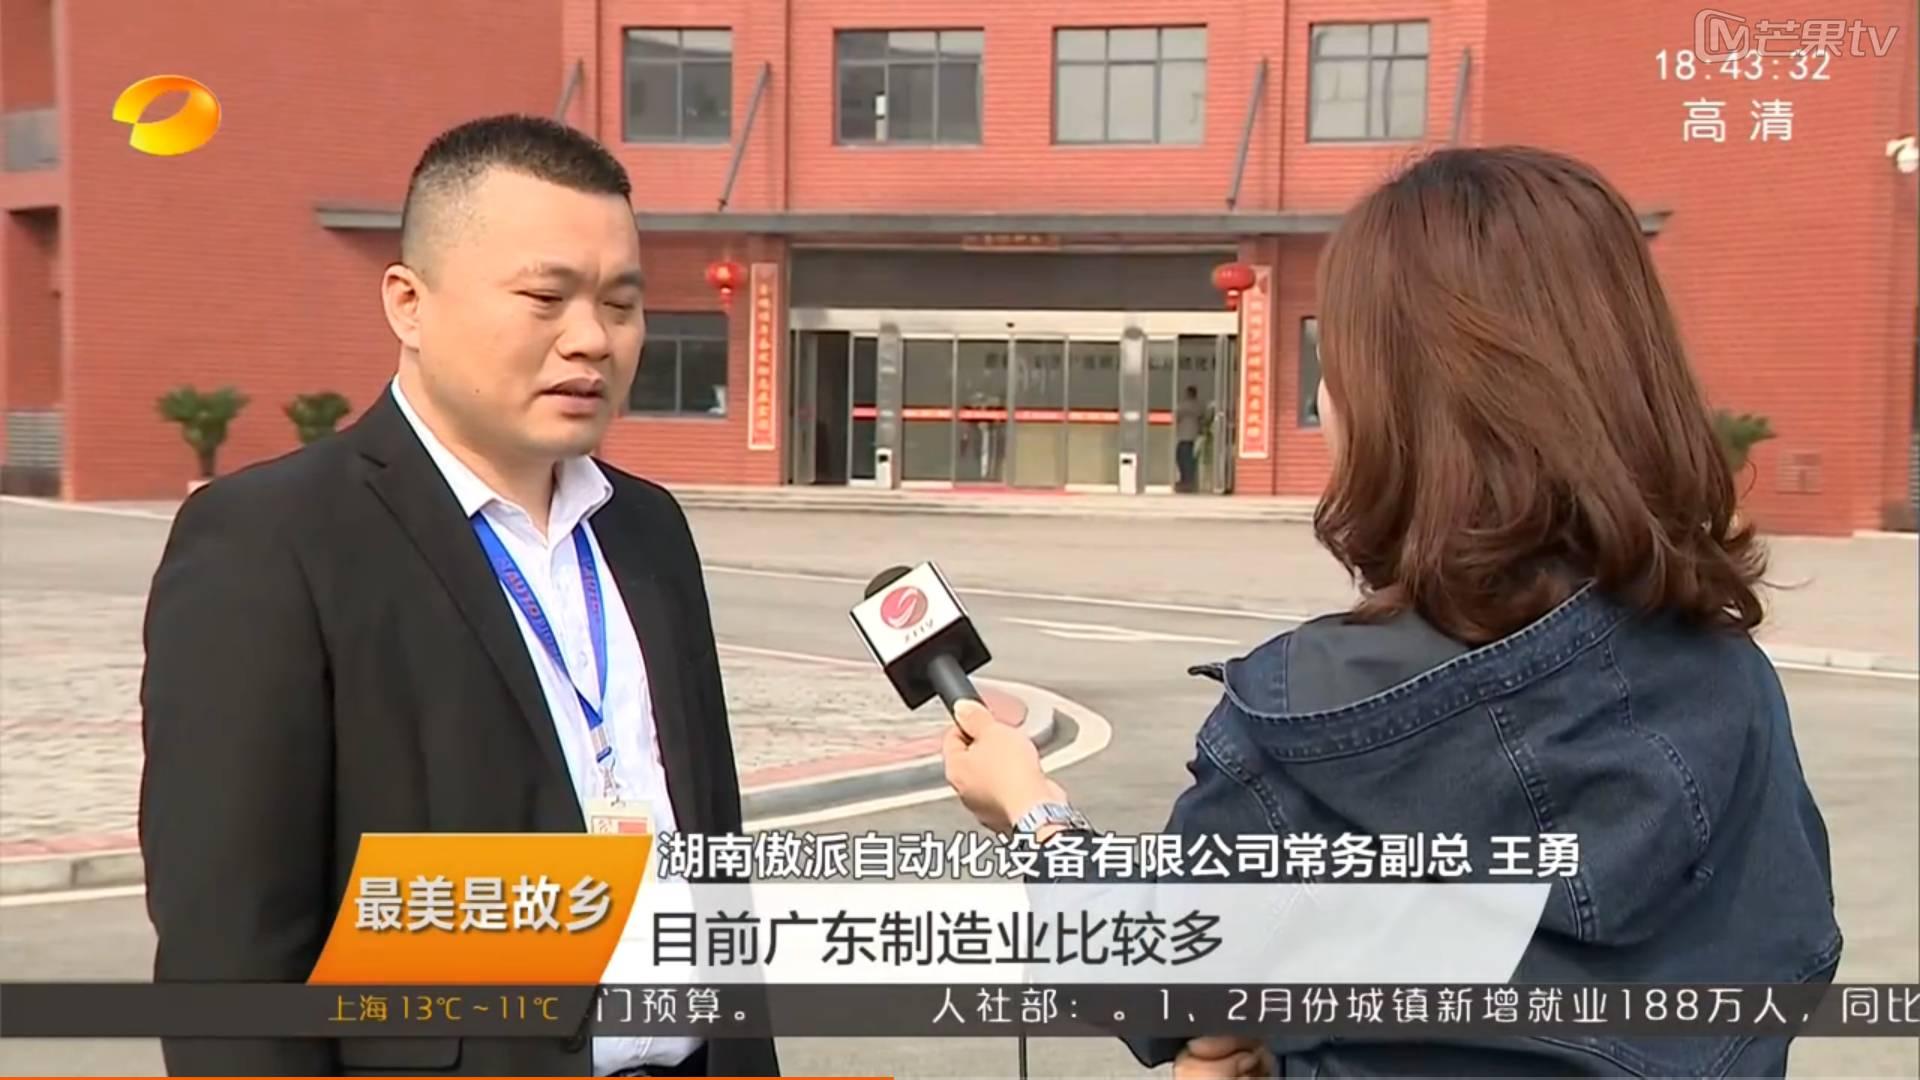 湖南电视台采访亚博官网娱乐app下载自动化